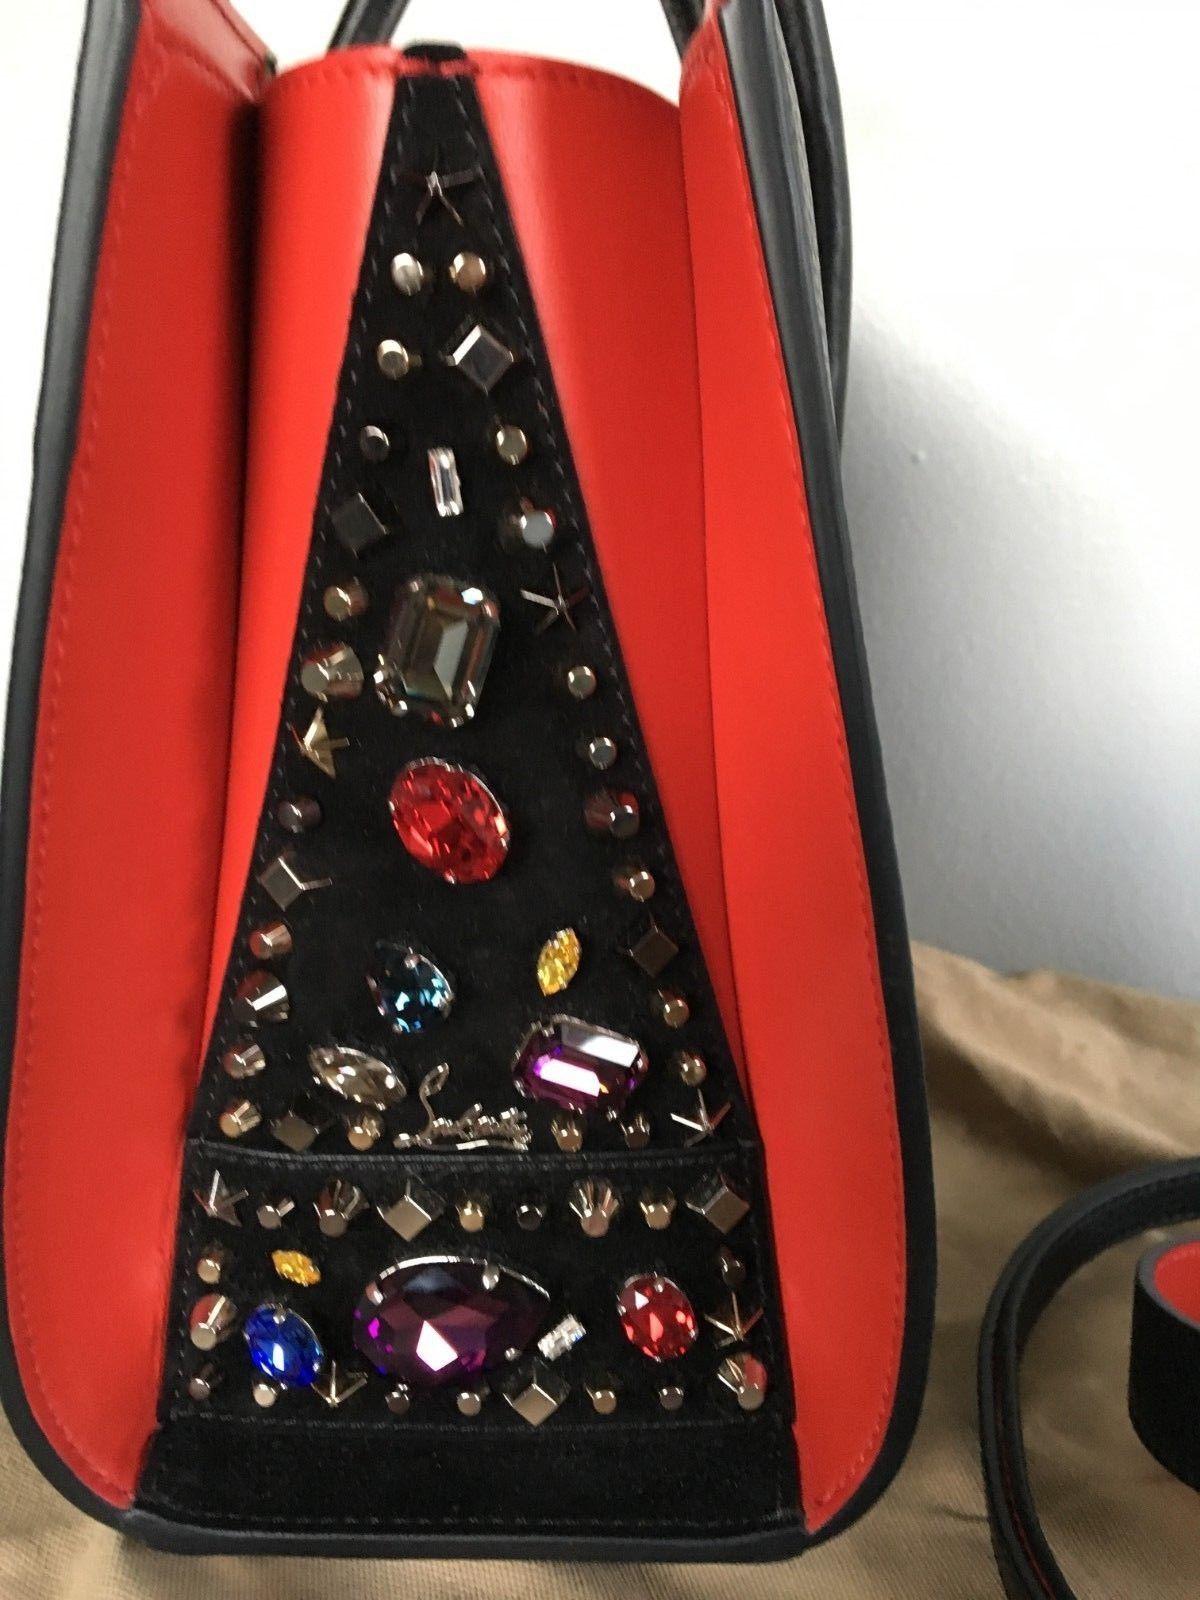 cf3e4878463 Christian Louboutin Handbag Paloma Small Love Embroidered Suede Tote Bag   1900.0  christian  louboutin  handbag